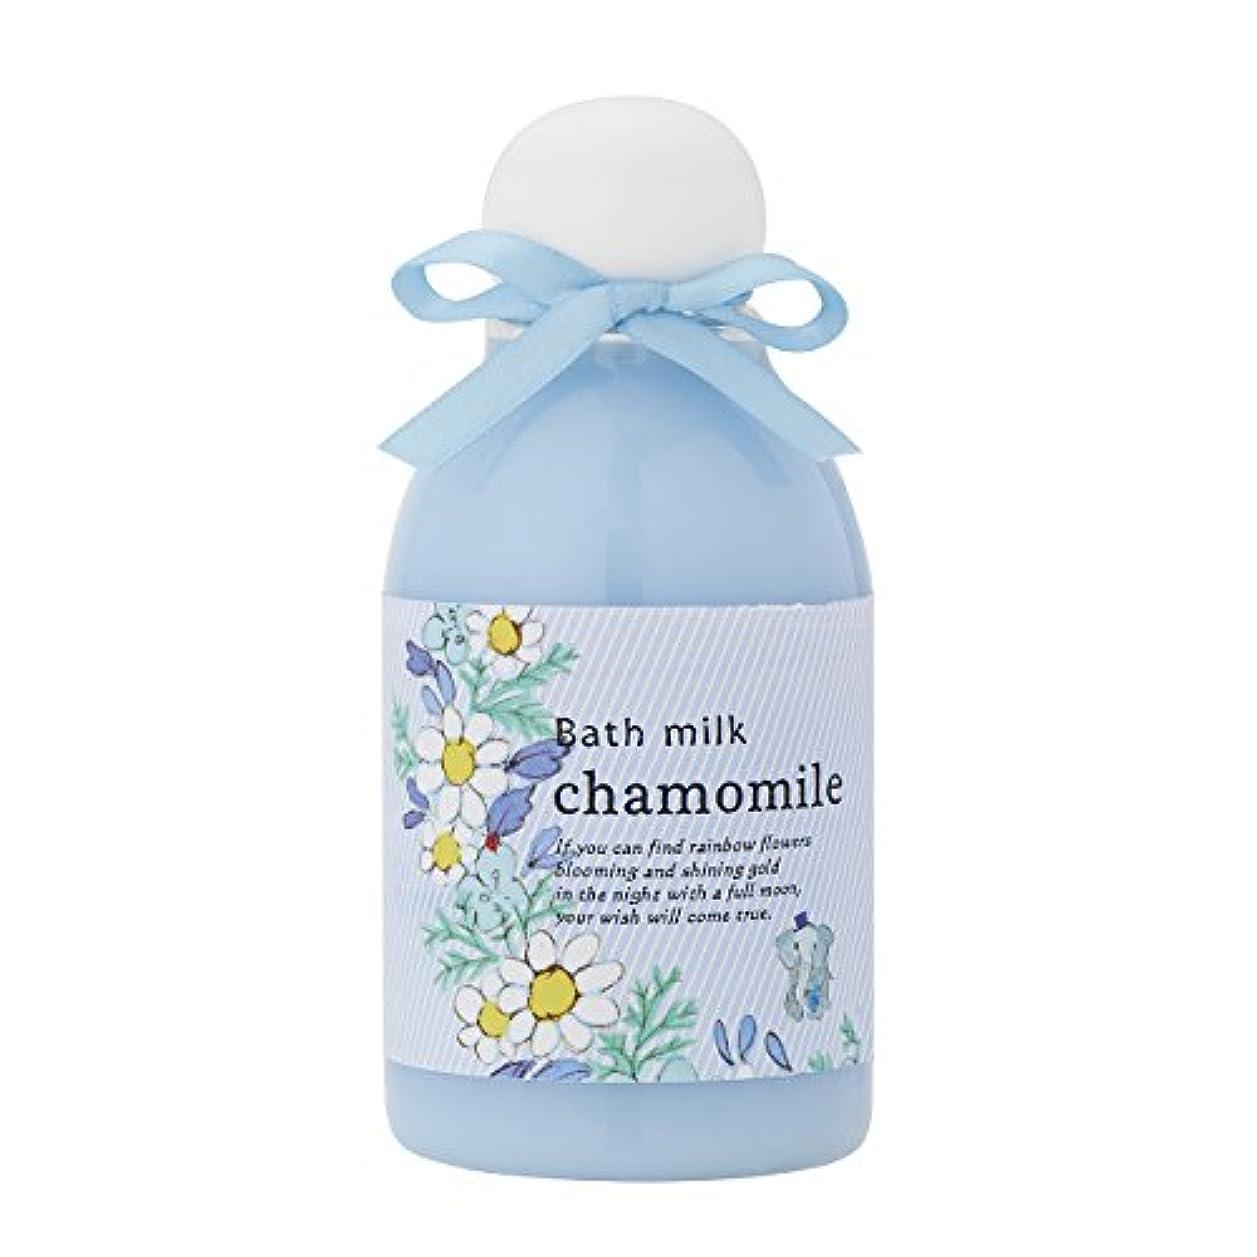 厳悲しいことに扇動するサンハーブ バスミルク カモマイル 200ml(バブルバスタイプ入浴料 泡風呂 やさしく穏やかな甘い香り)